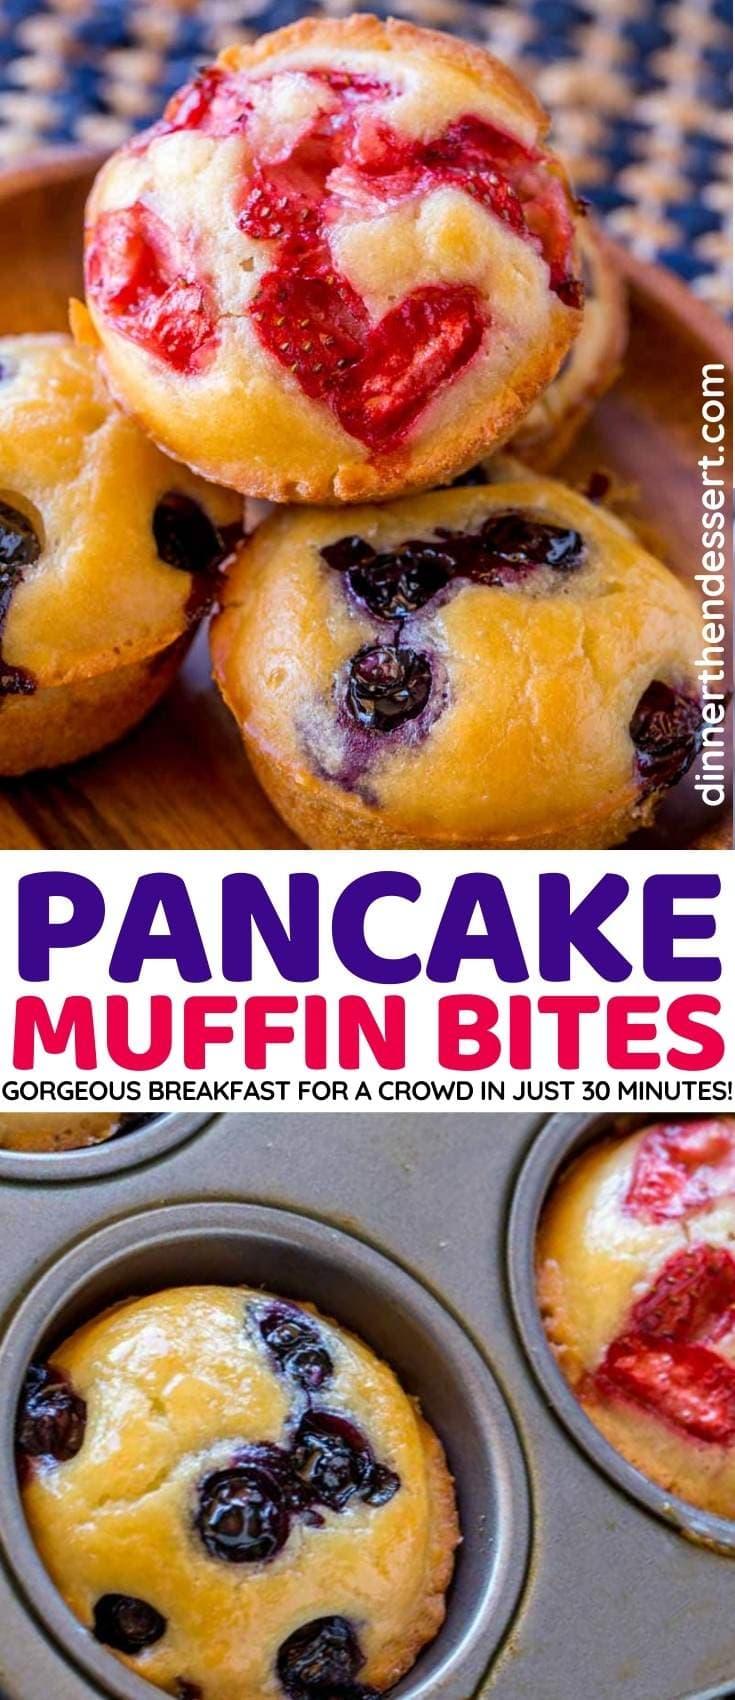 Pancake Muffin Bites collage